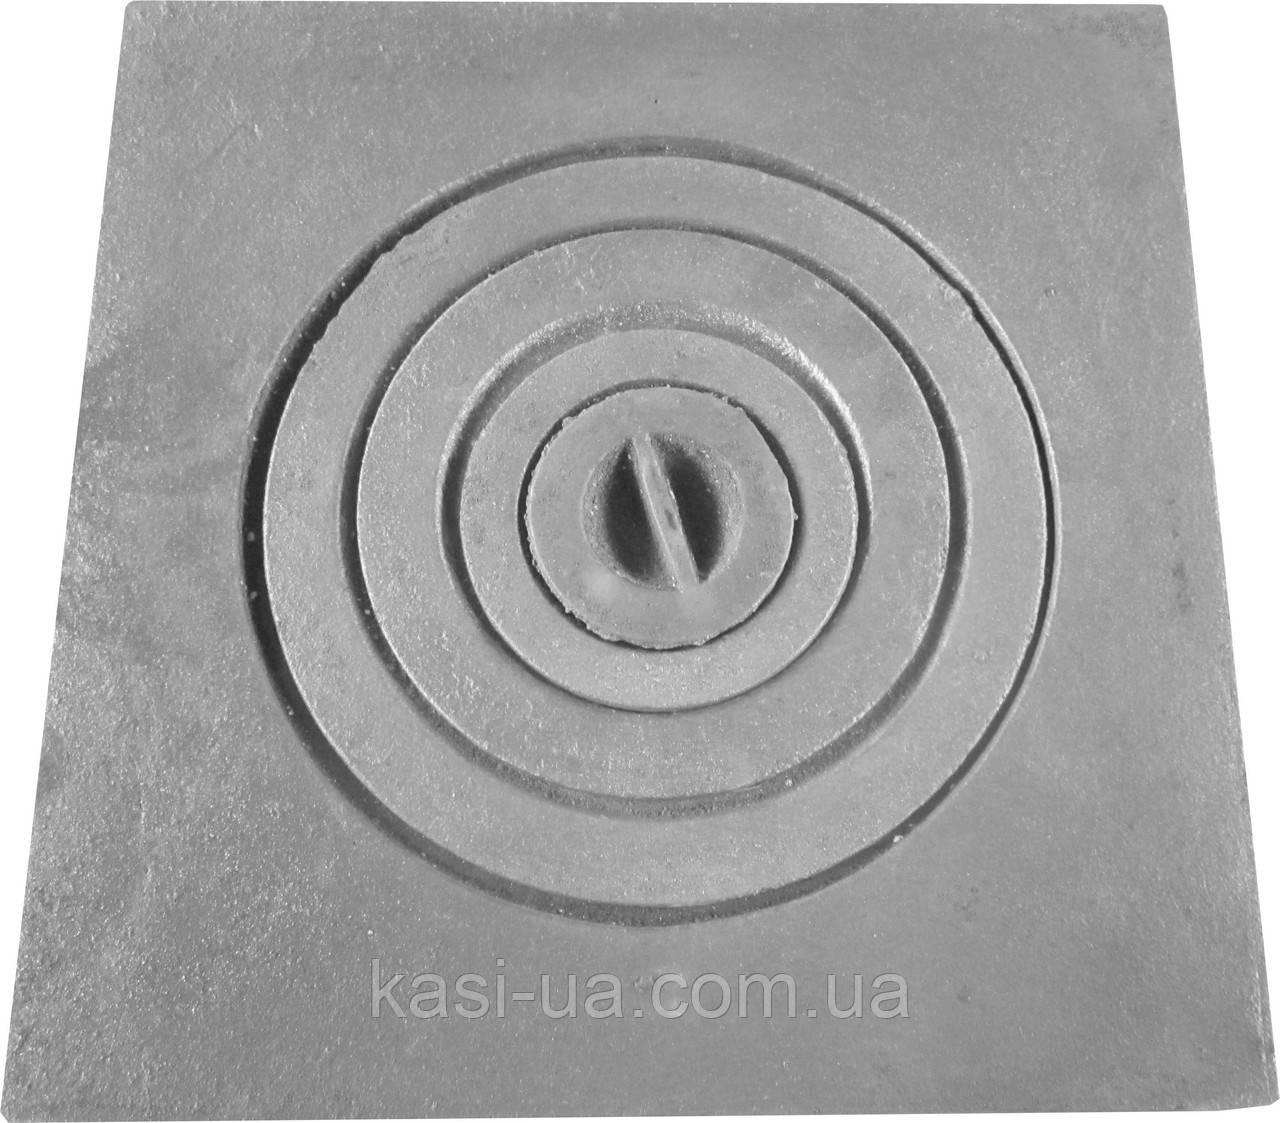 Плита чавунна пічна однокомфорочная для мангалу ПД-1 (400 х 400 мм)